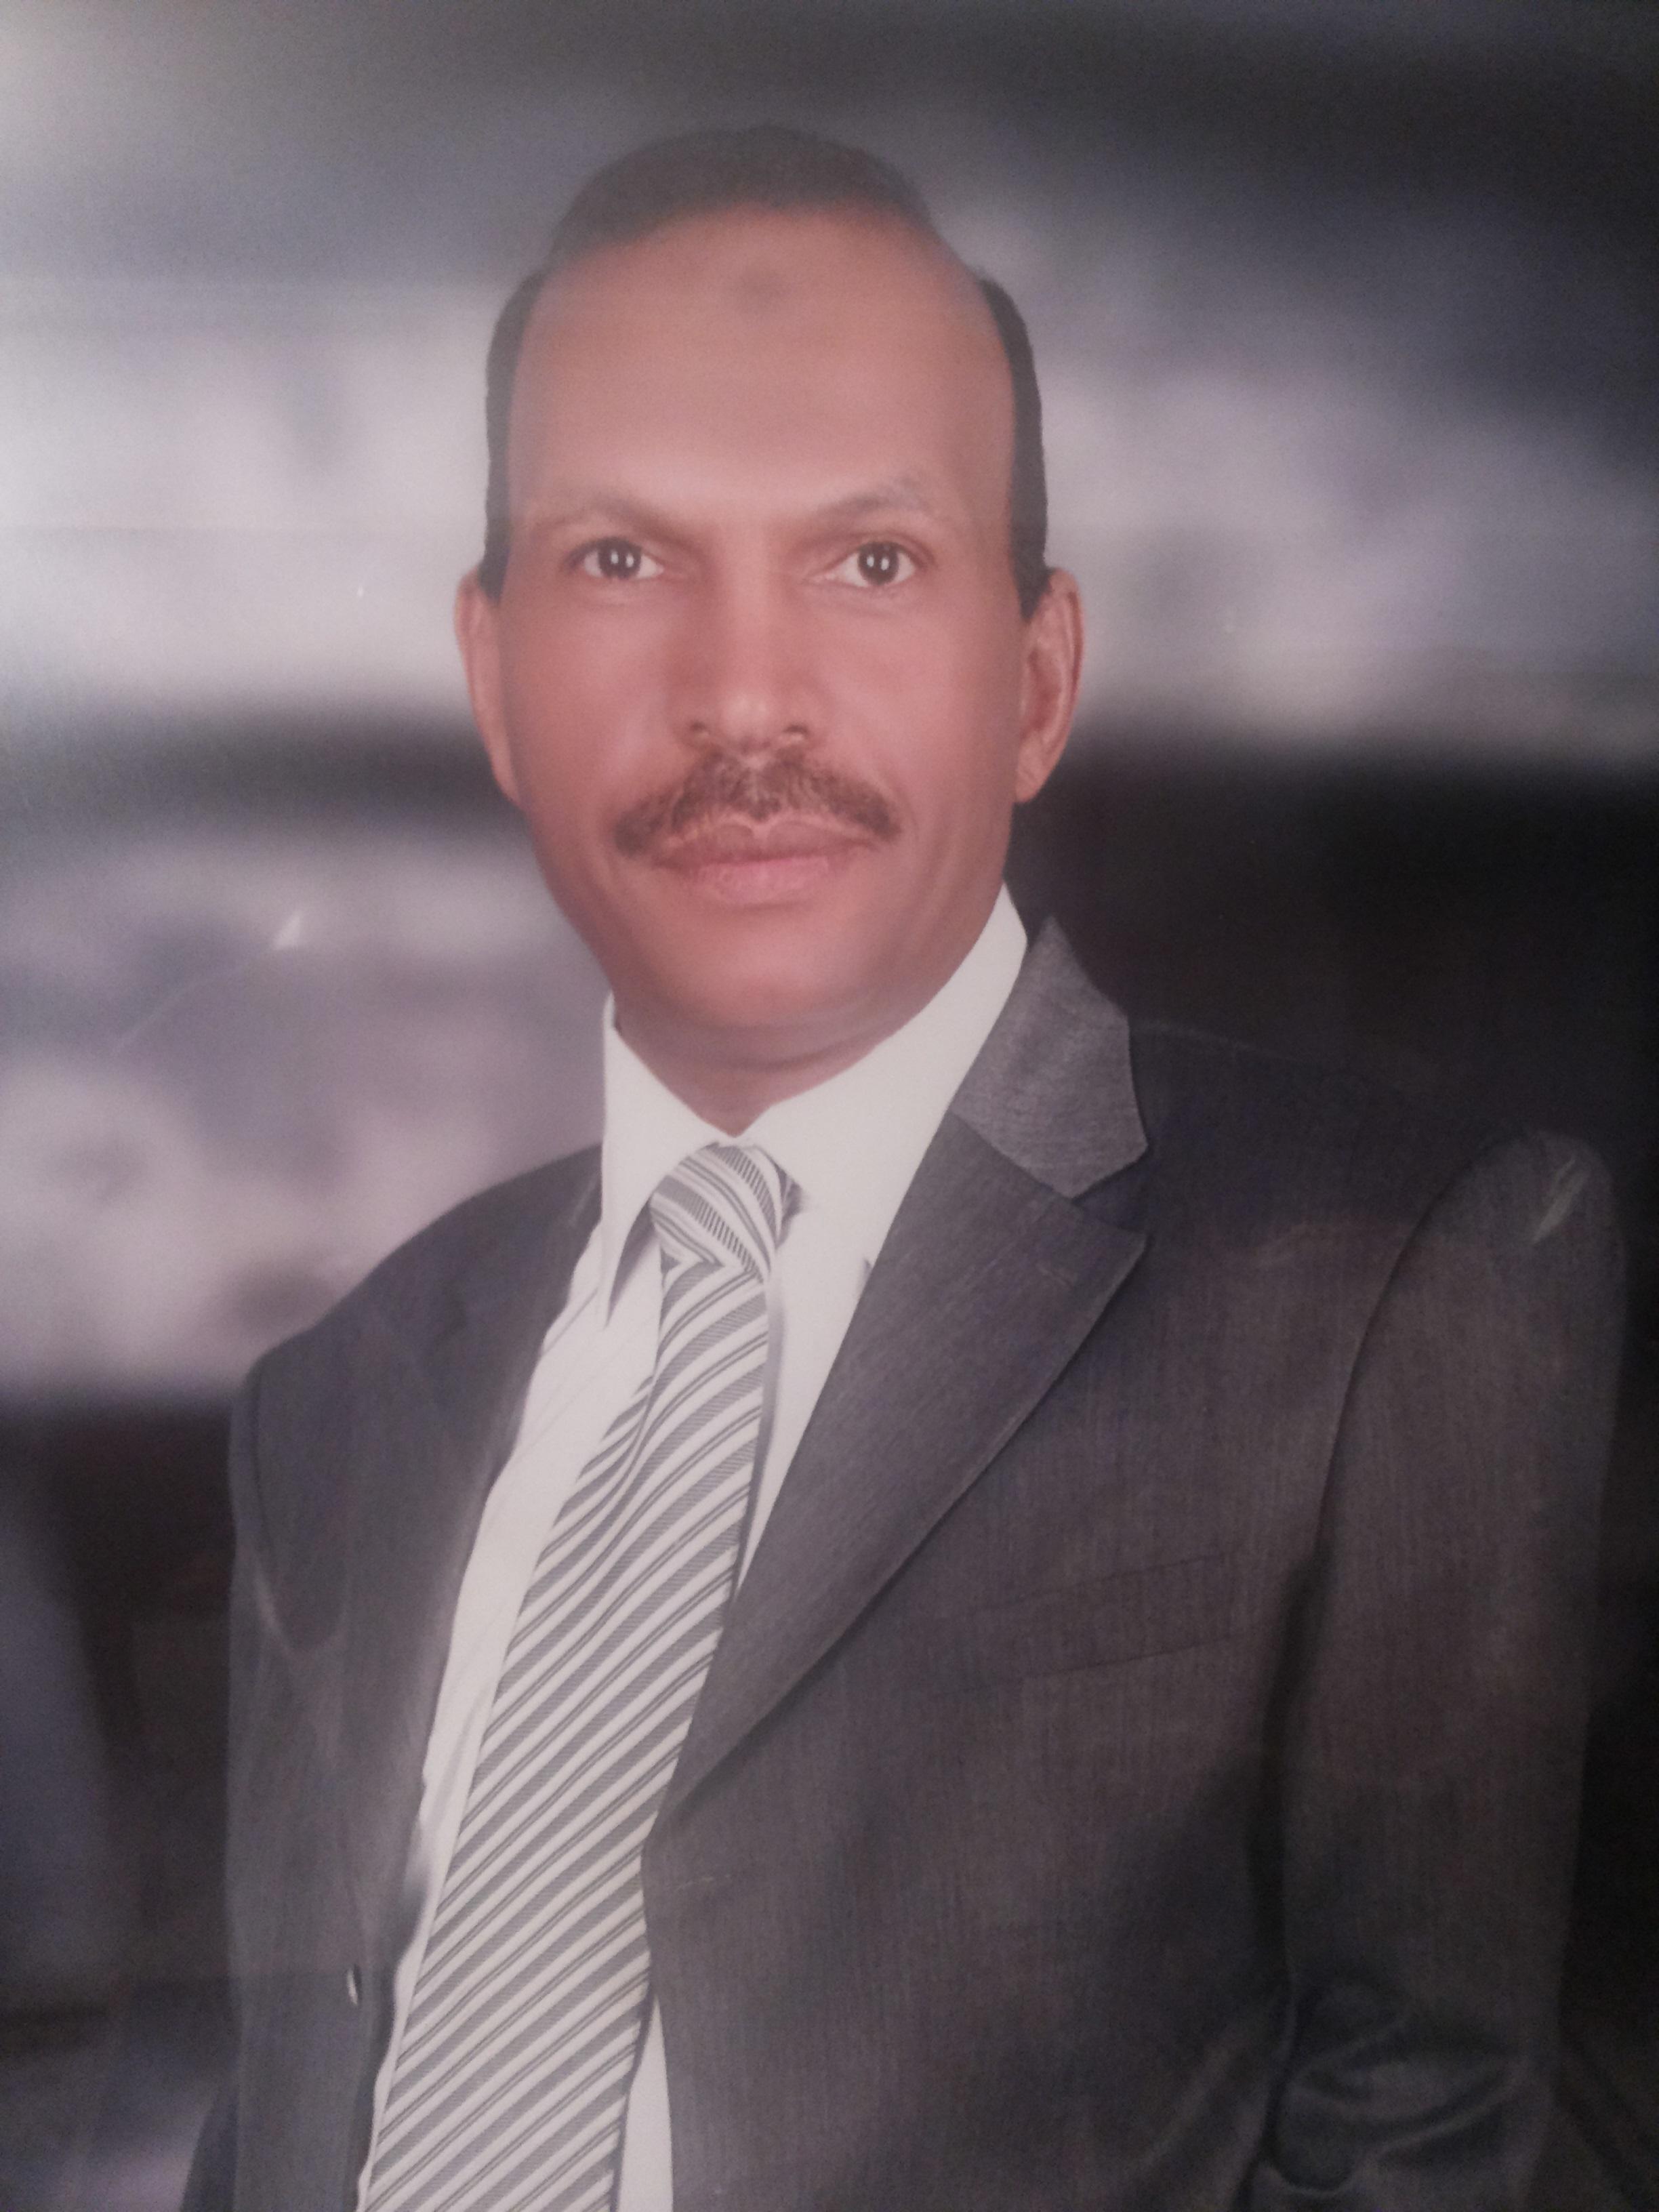 أ.عادل بشير معلم خبير فى الجيولوجيا والعلوم البيئية